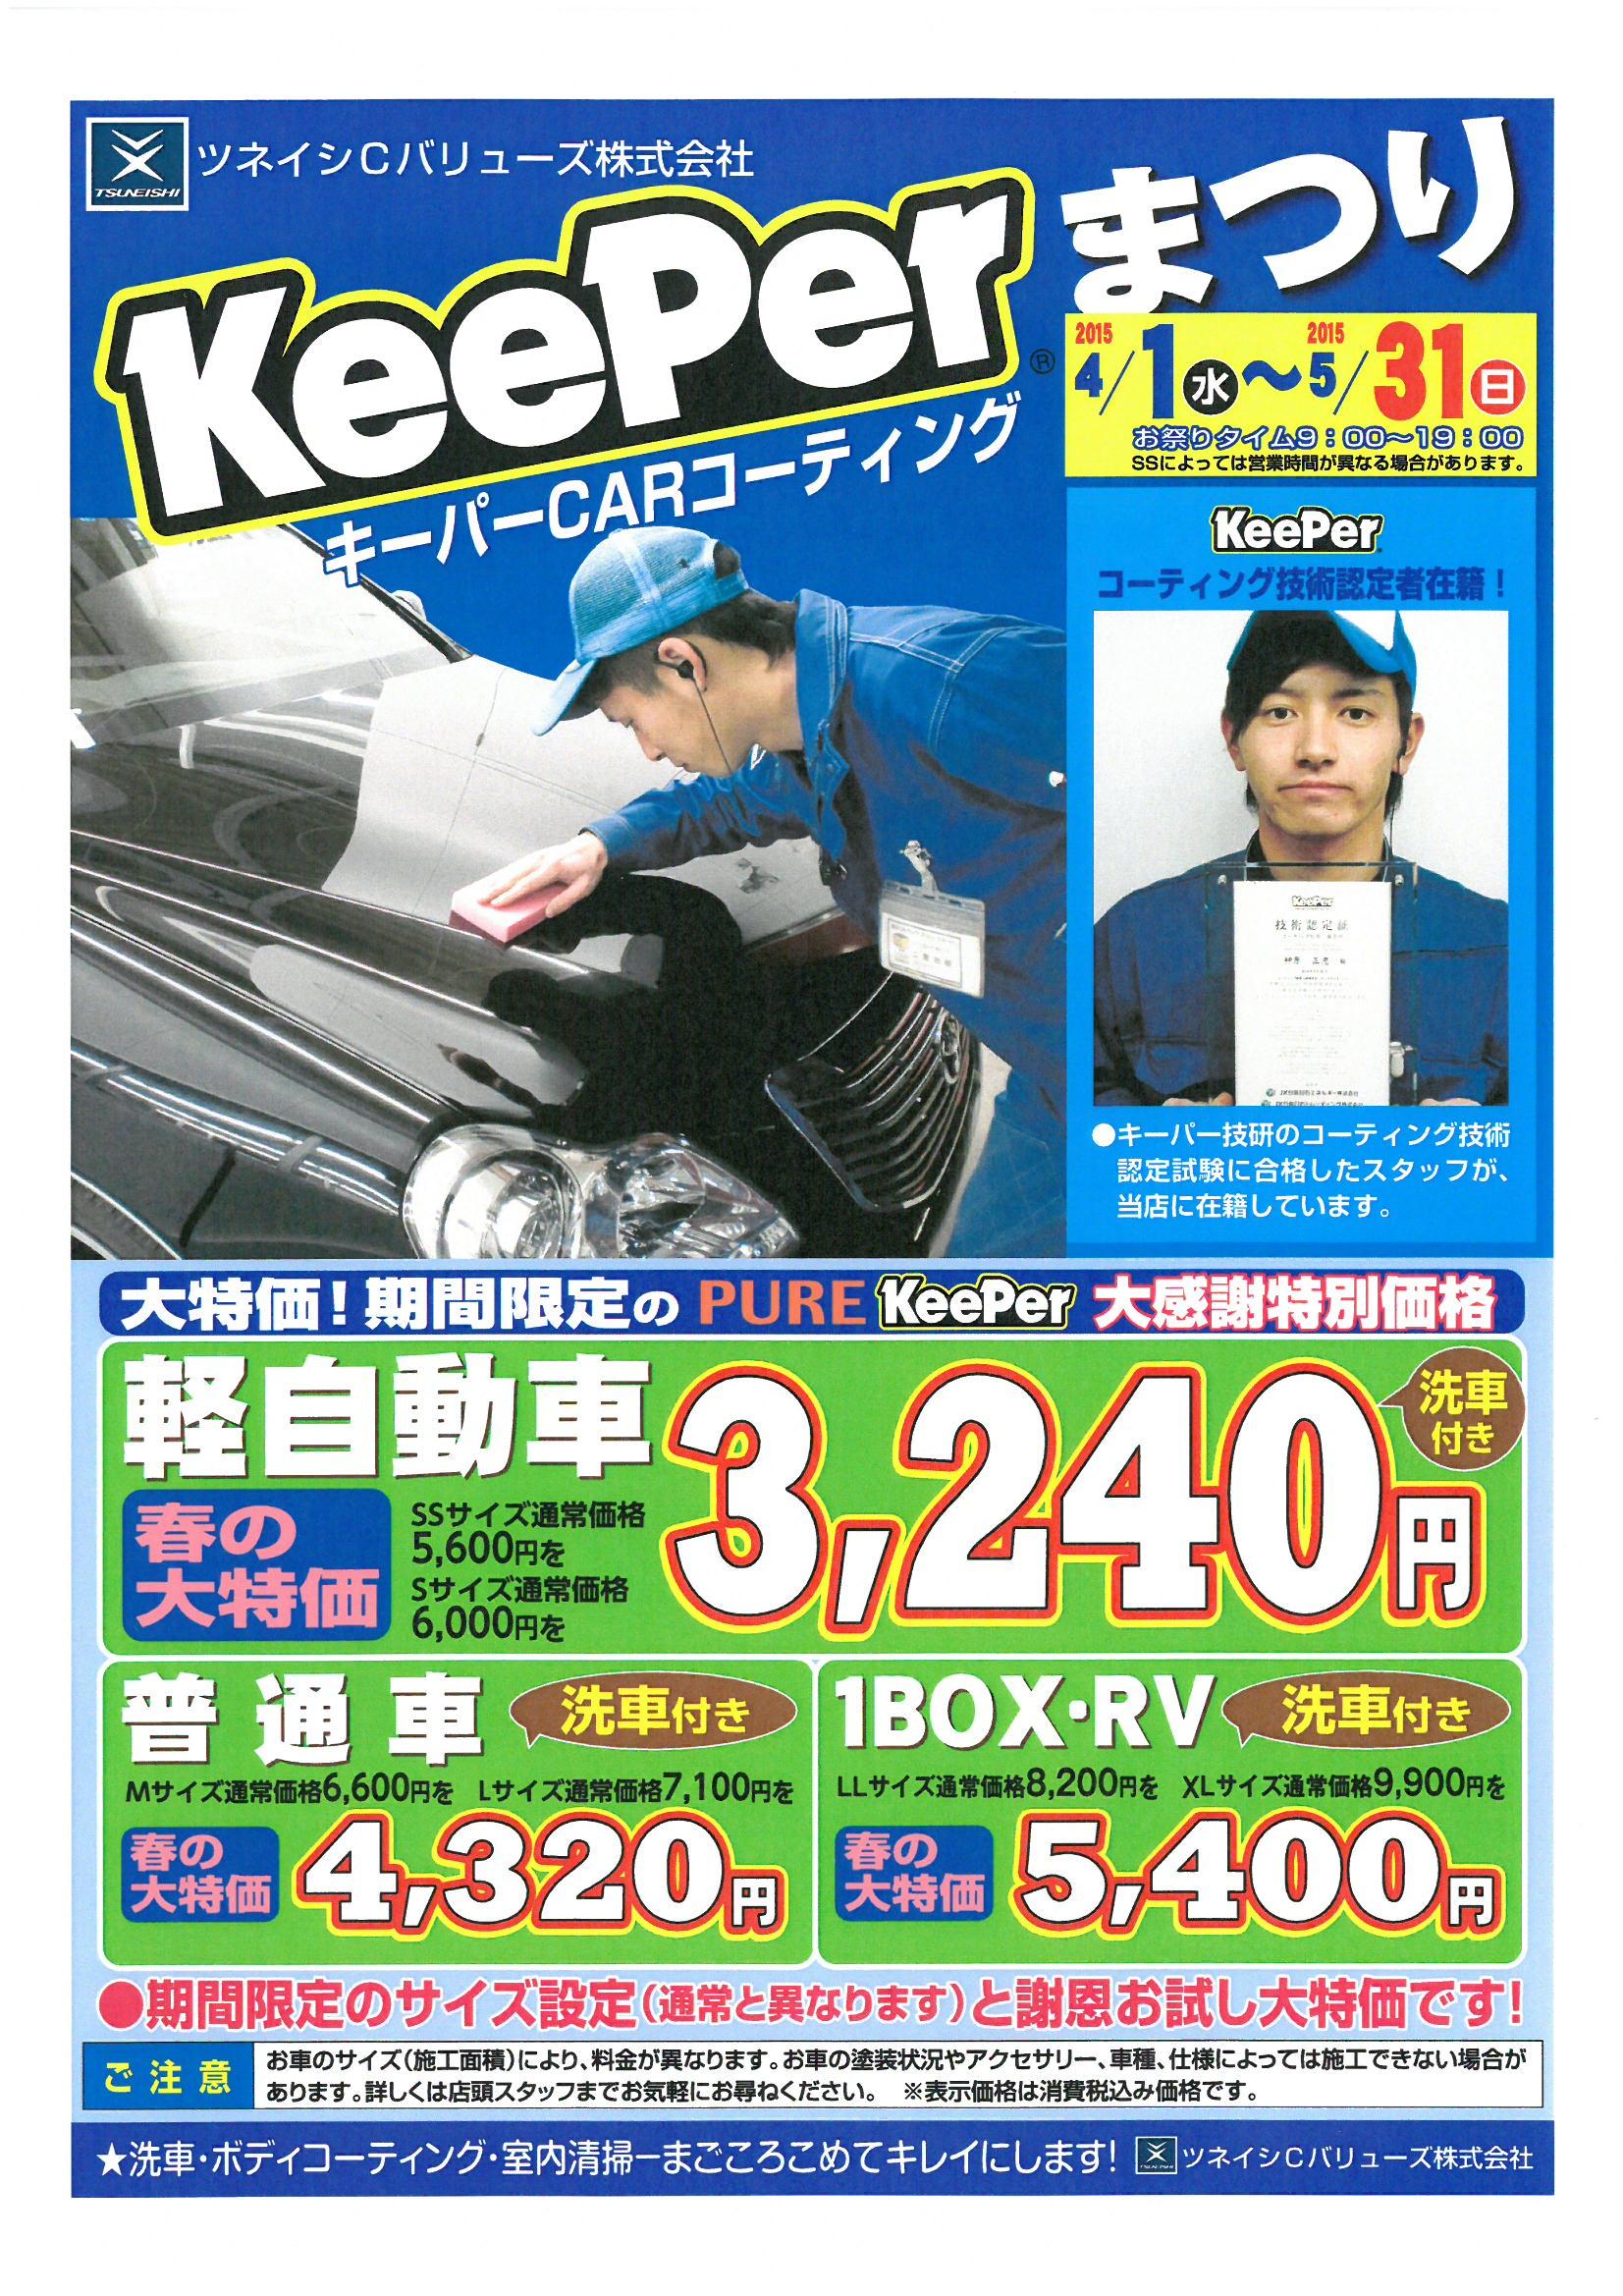 【コーティングキャンペーン】5月31日(日)まで!